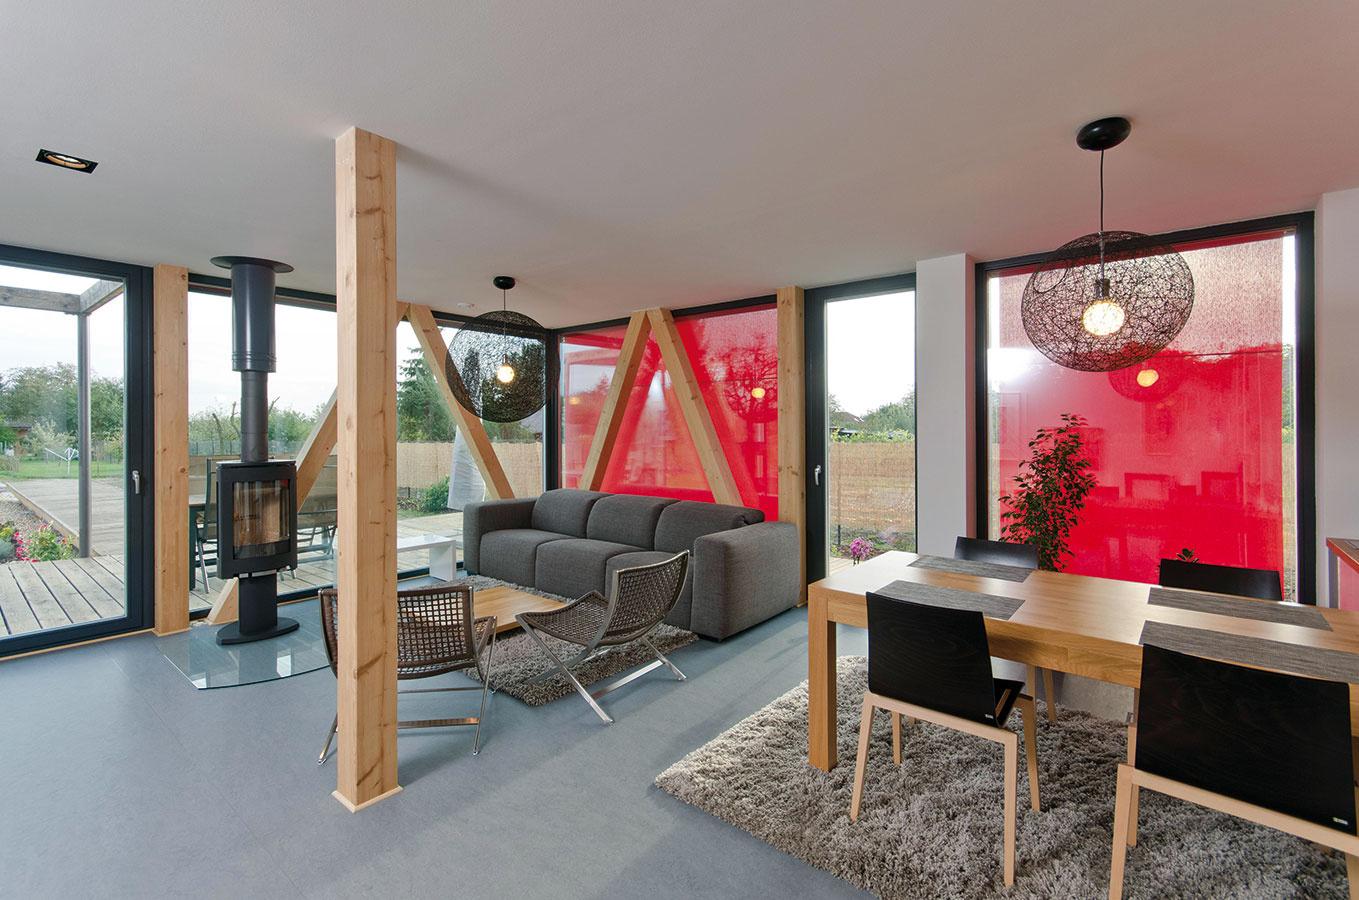 Podstatnú časť prízemia zaberá otvorený denný priestor – obývačka prepojená s jedálňou a kuchyňou je zároveň v kontakte  s terasou a záhradou.